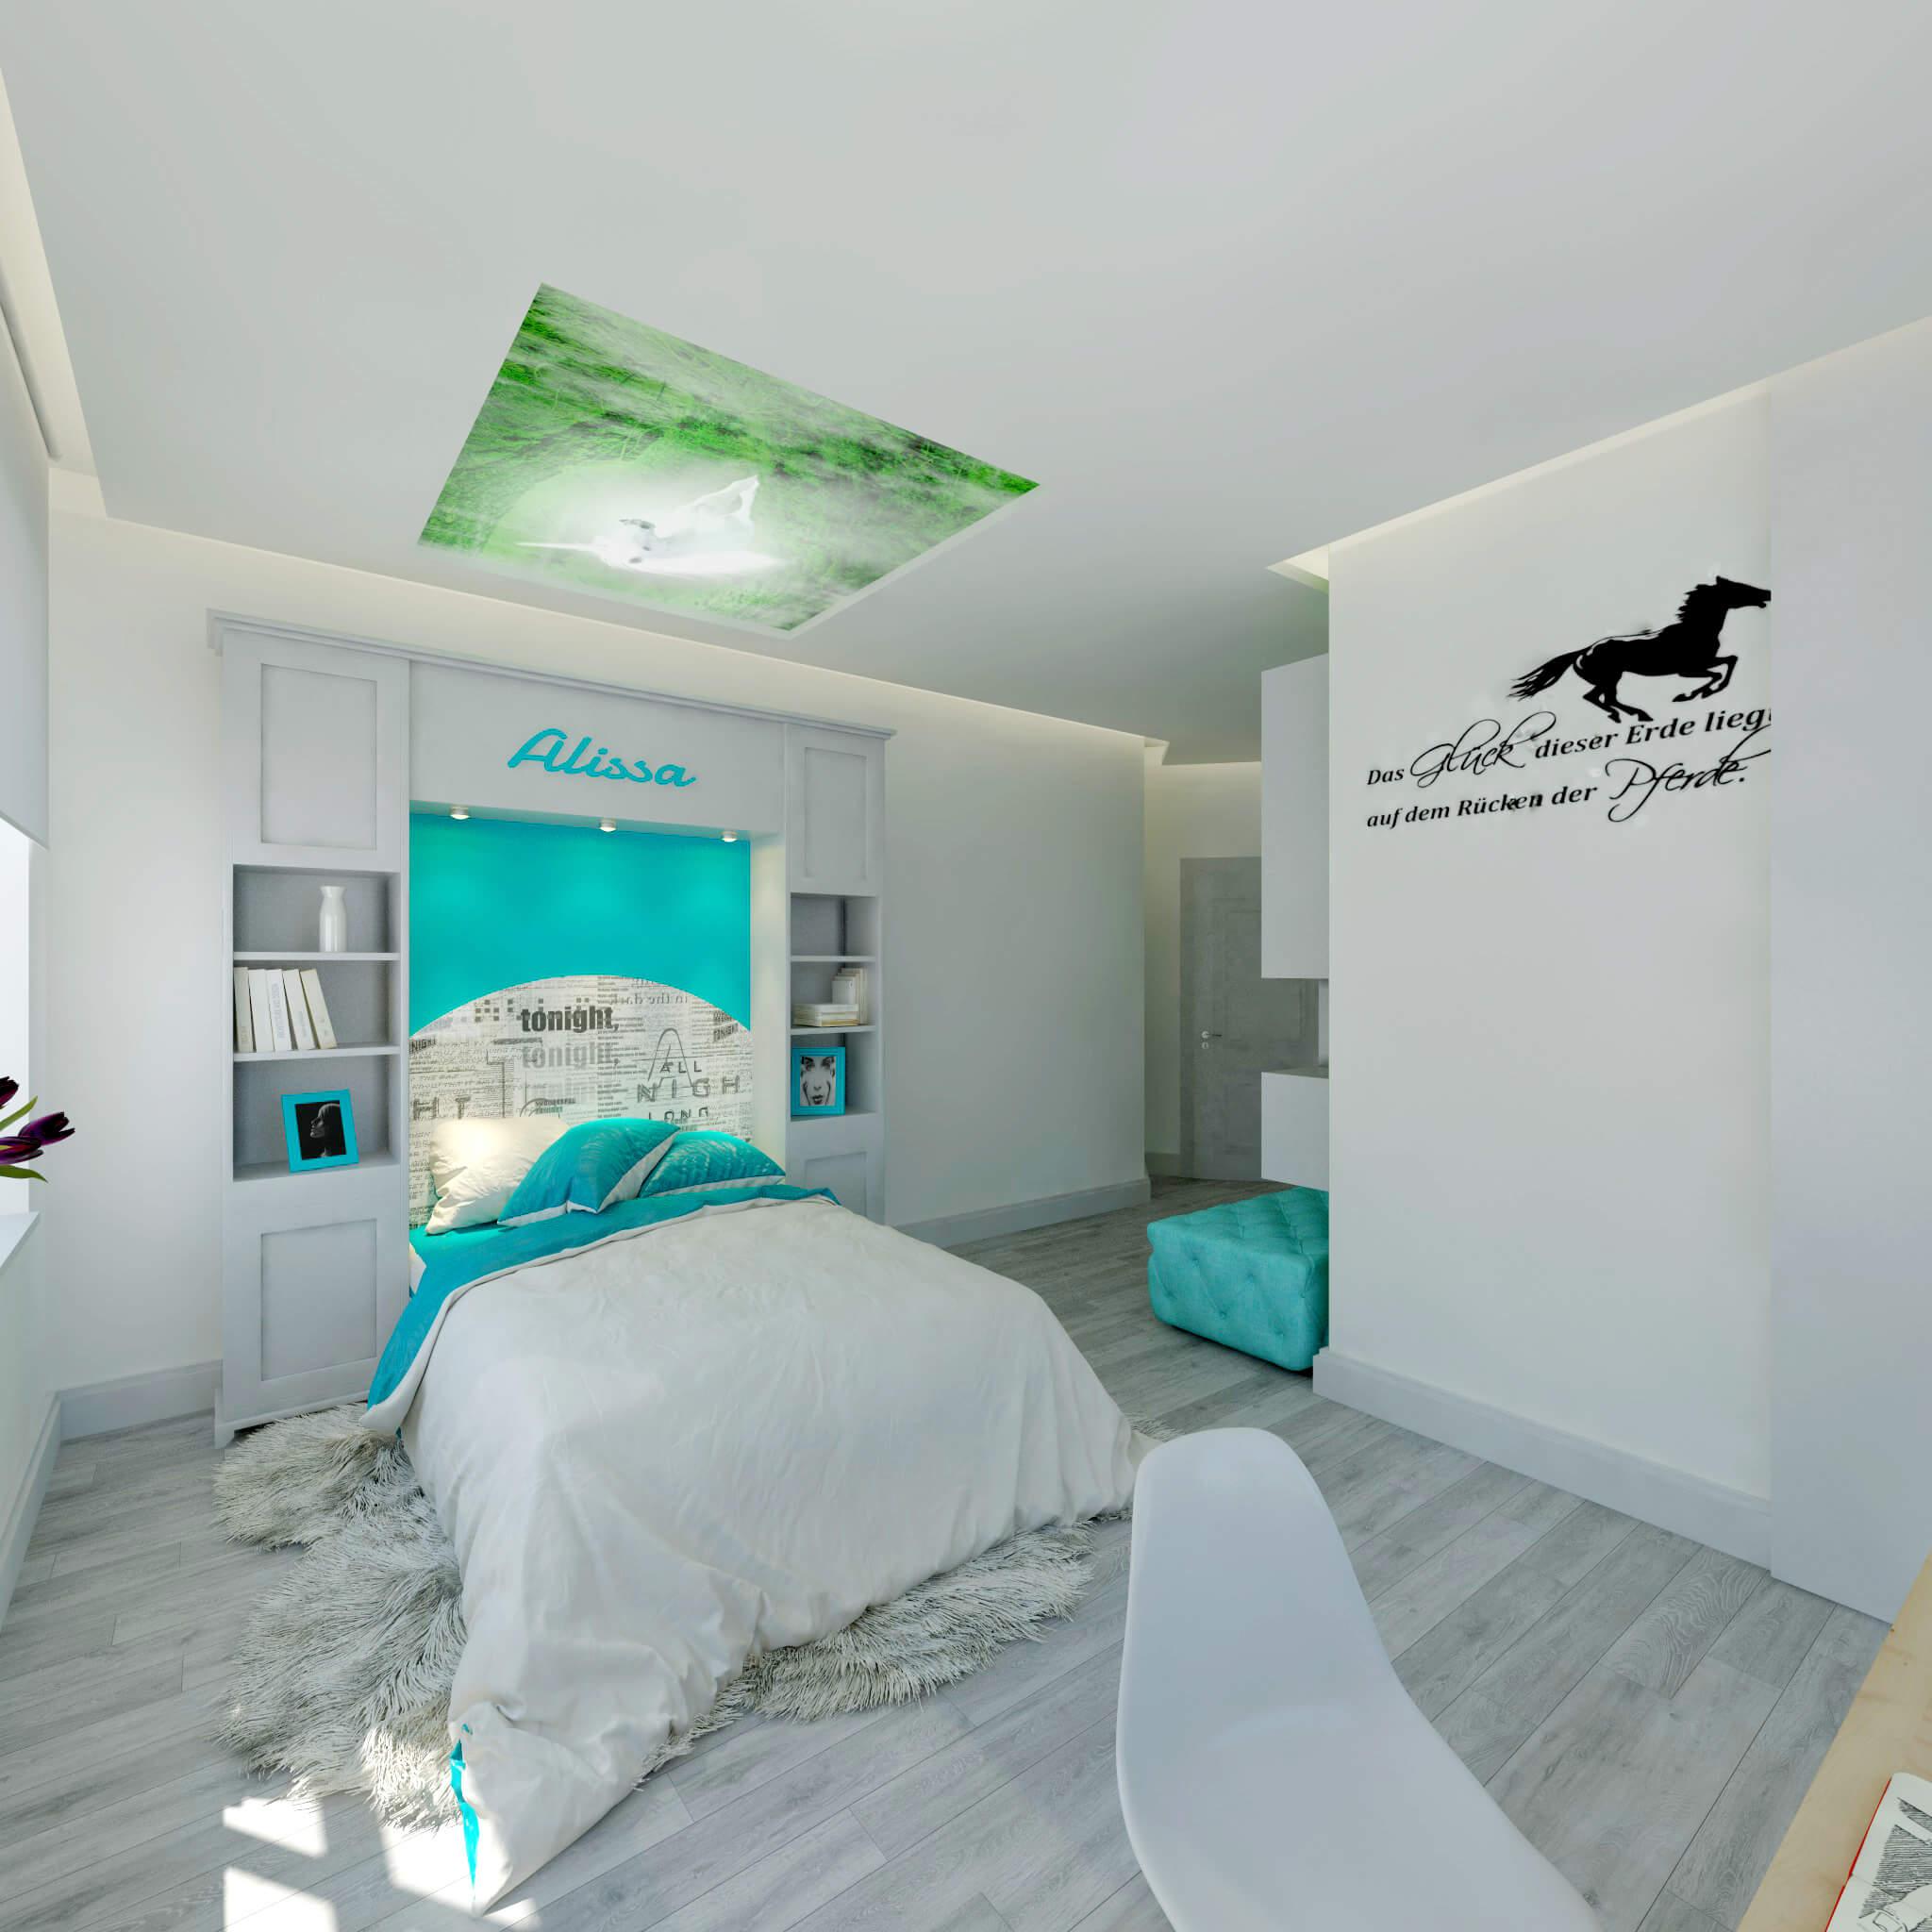 Jugendzimmer Design By Torsten Mueller Aus Bad Honnef Naehe Koeln Bonn  Duesseldorf Frankfurt Muenster Jugendzimmer Planen